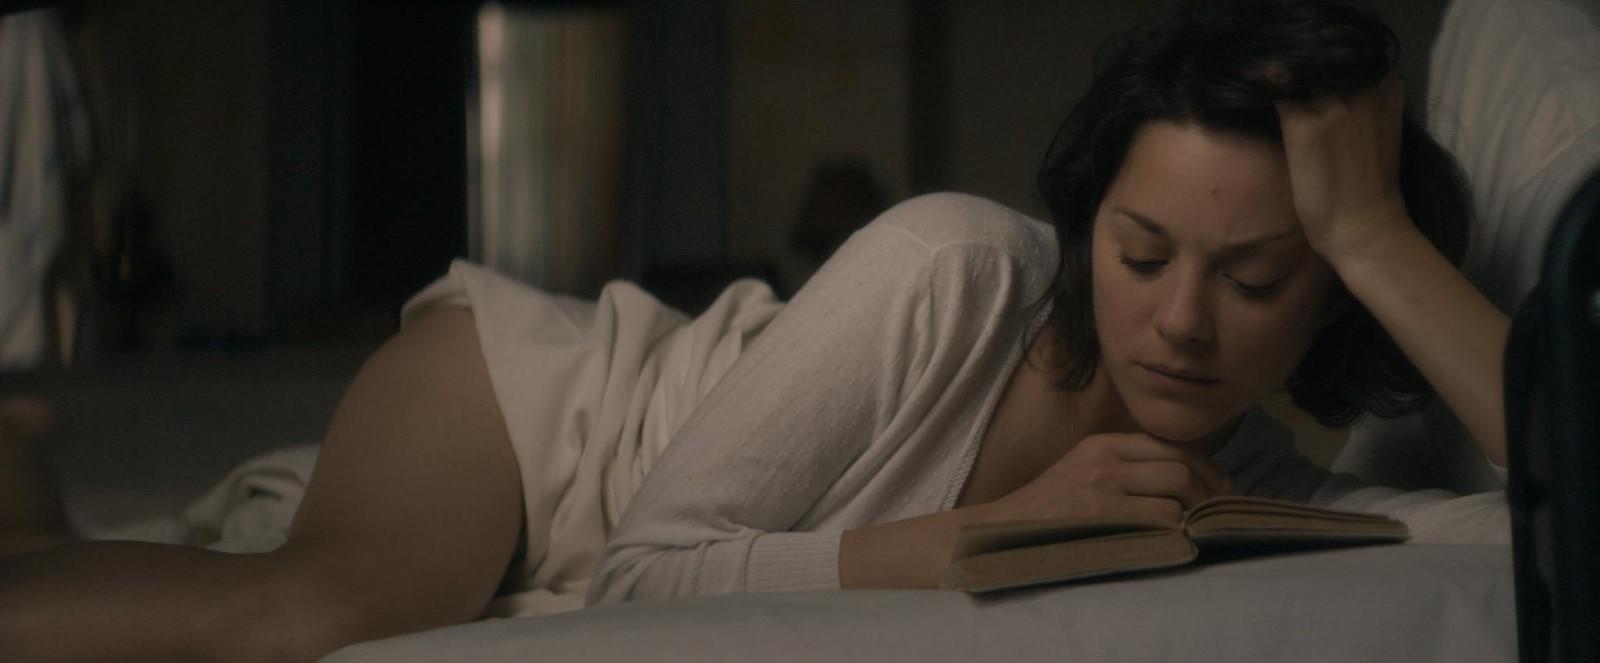 Film Sex in einem kalten Klima